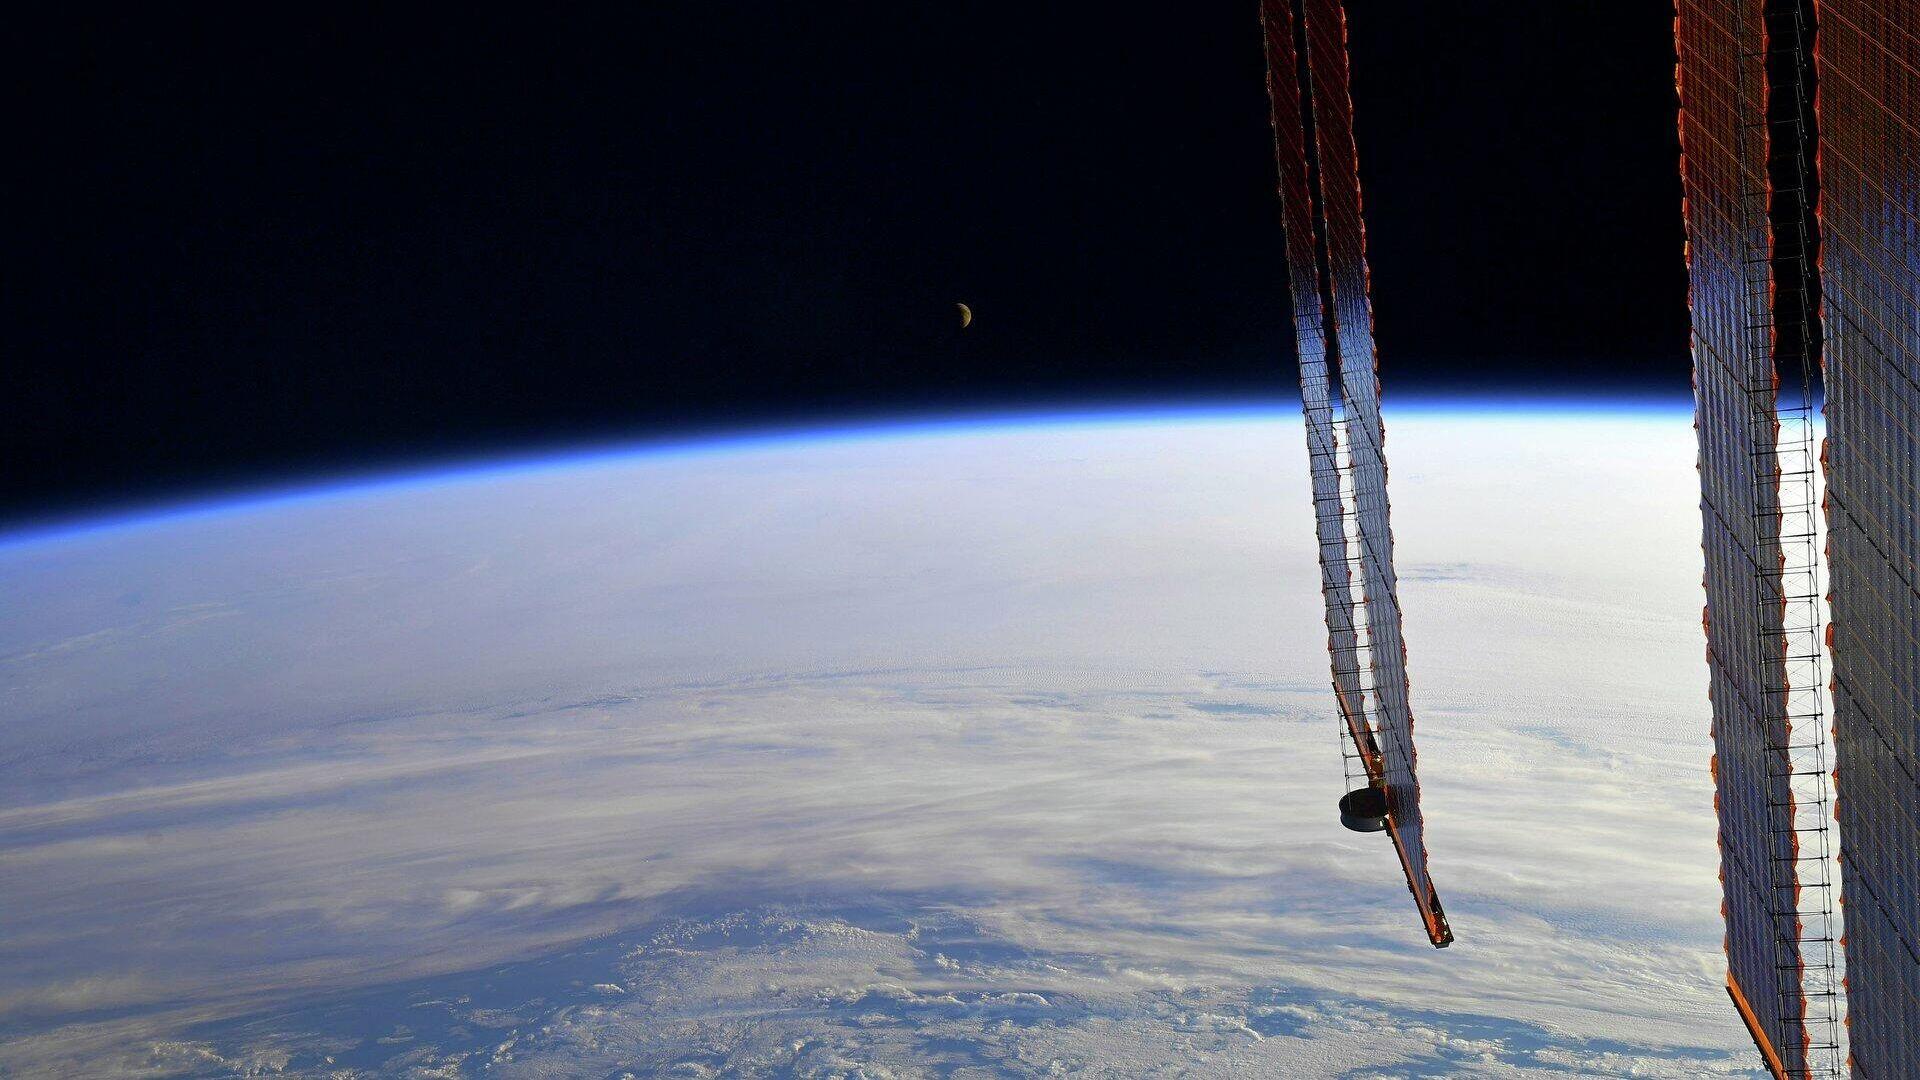 """1572166377 0:193:1920:1273 1920x0 80 0 0 16b12d831ca5ca9aa1b6ac0f3549f277 - """"Роскосмос"""" и Первый канал снимут первый художественный фильм в космосе"""